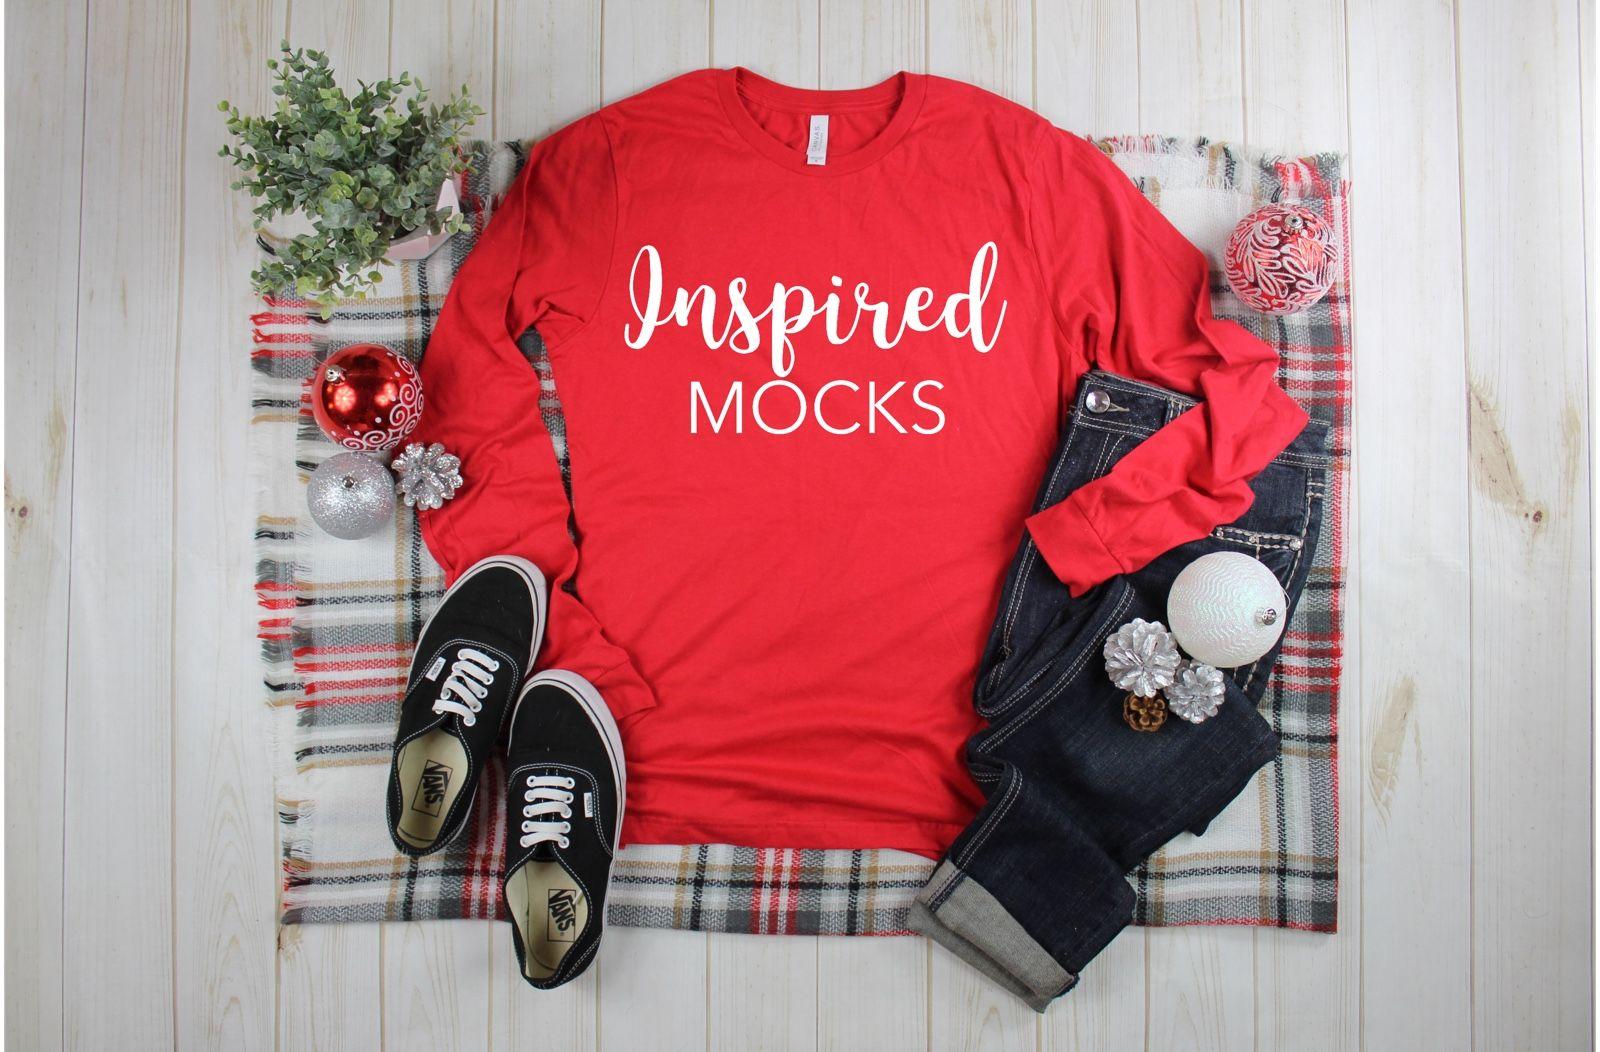 Bella Canvas 3501 Red T Shirt Mockup Shirt Mockup Flat Lay